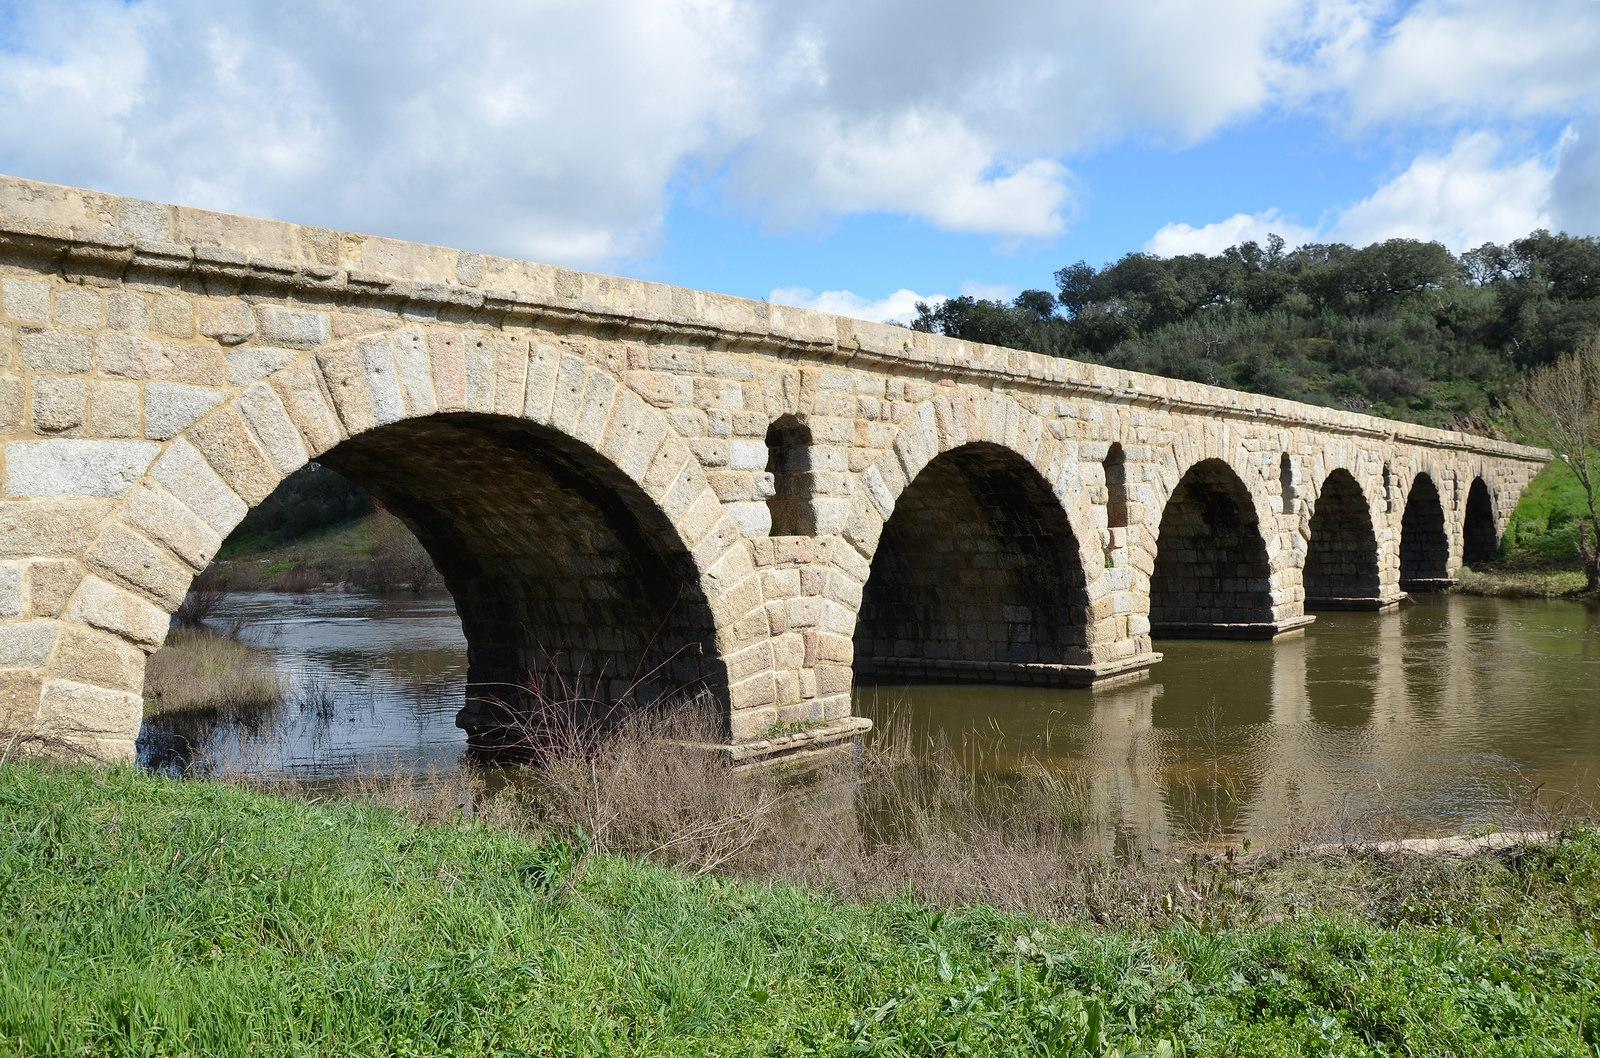 إسبانيا قرطبة اهم الاماكن السياحية الجسر الروماني